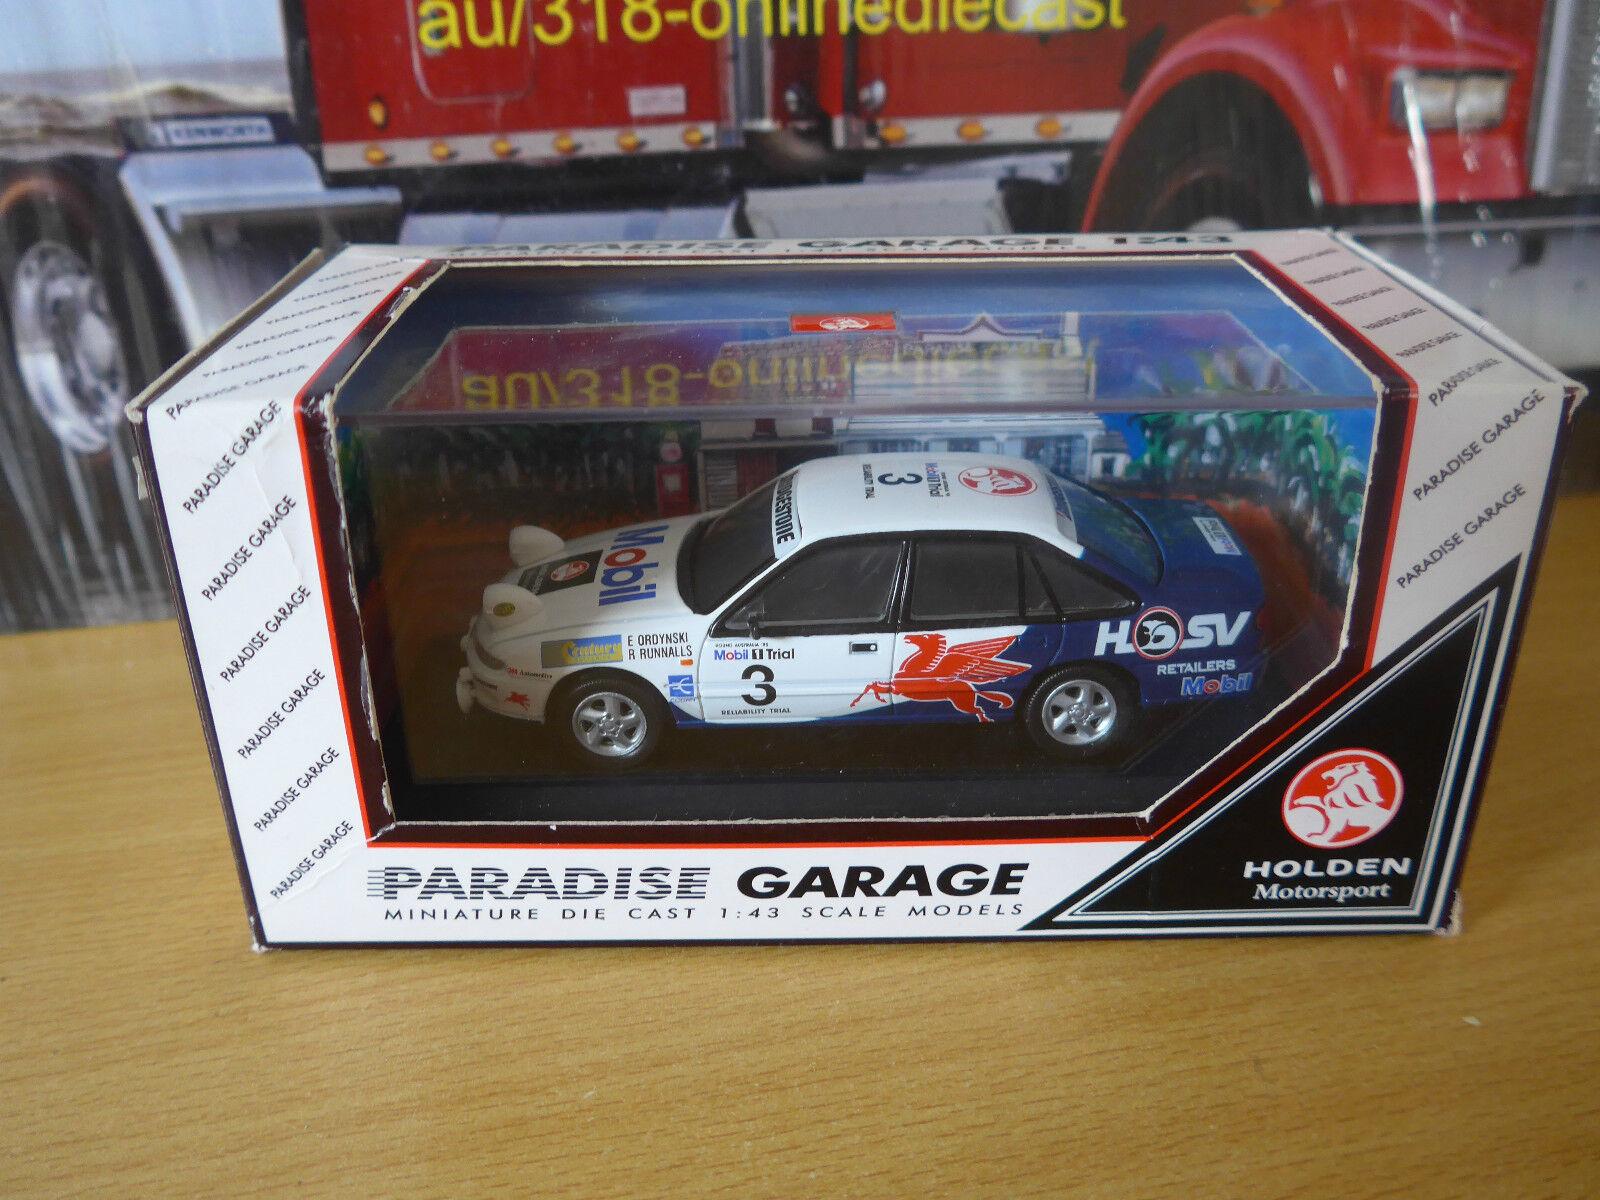 Paradise Garage  Mobil 1 Trial 1995  voiture 03 Ordynski laufennals